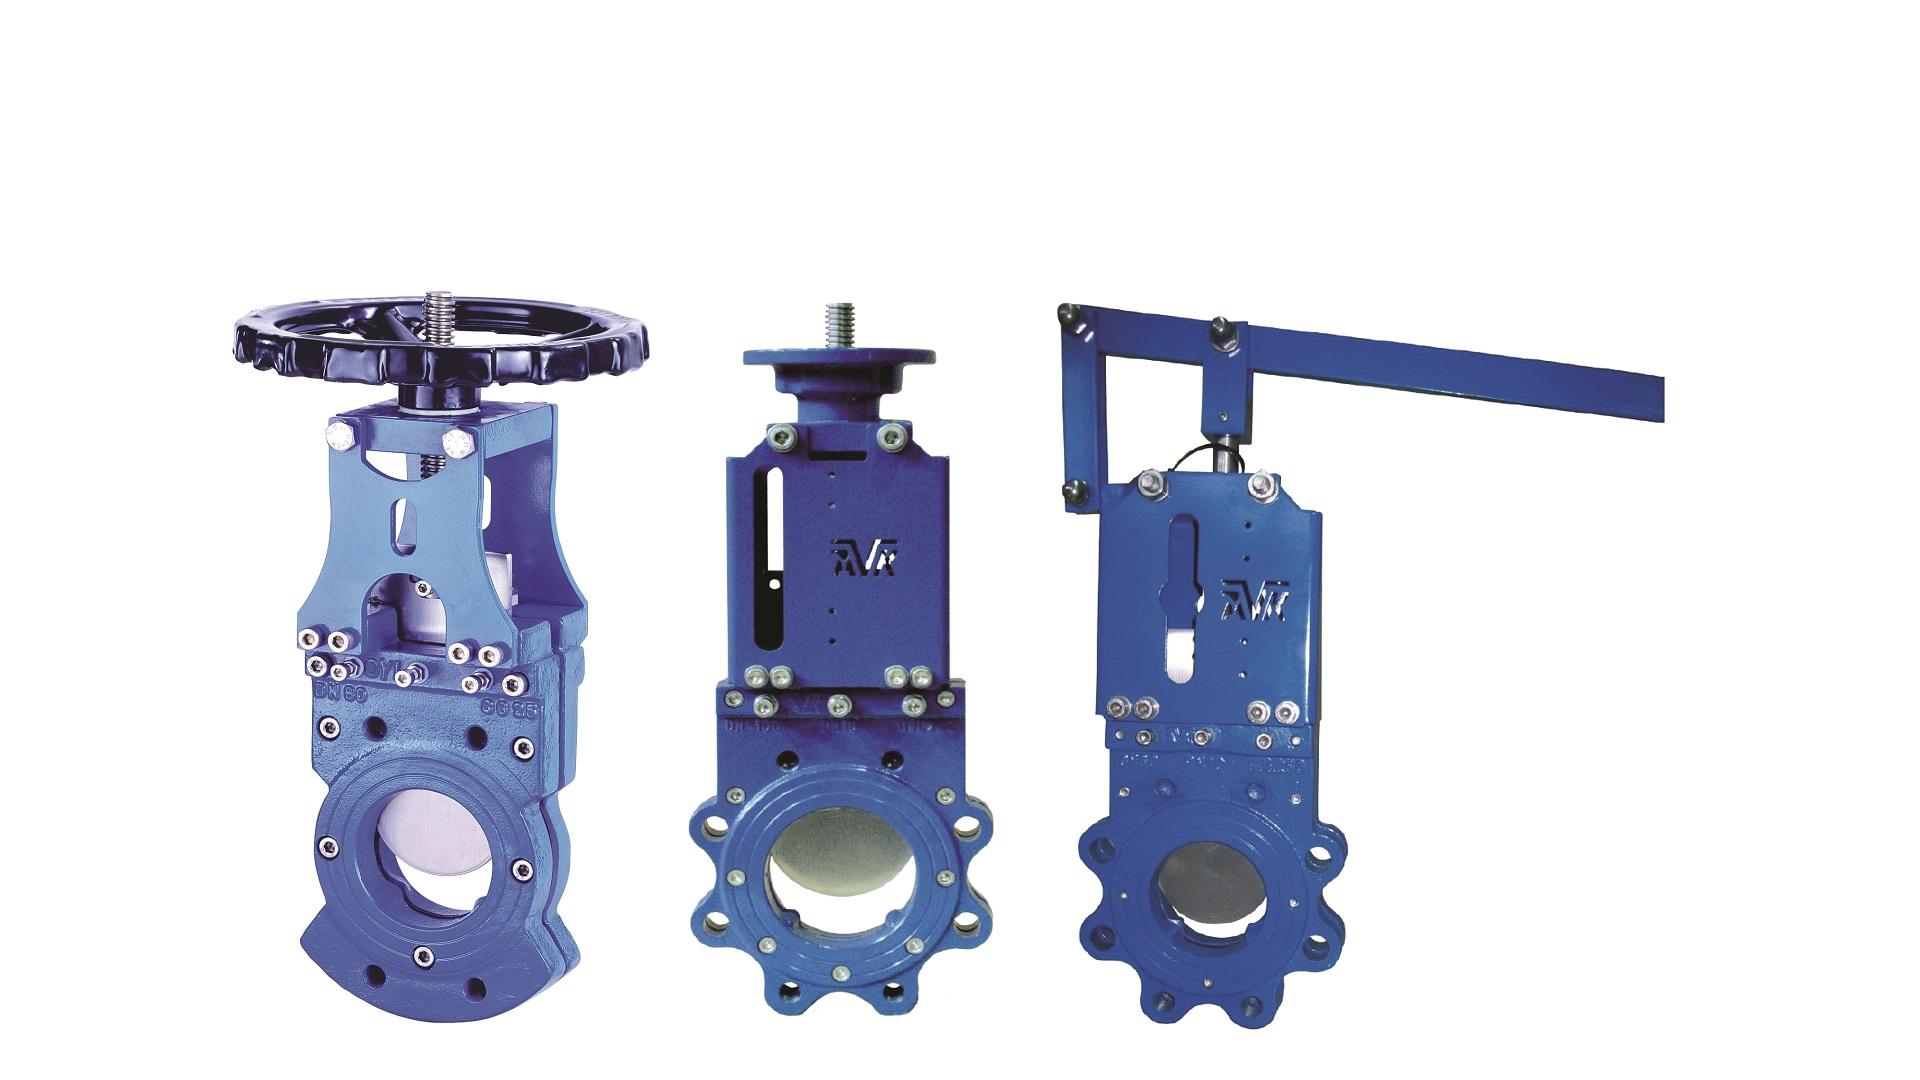 AVK Knifegate valves